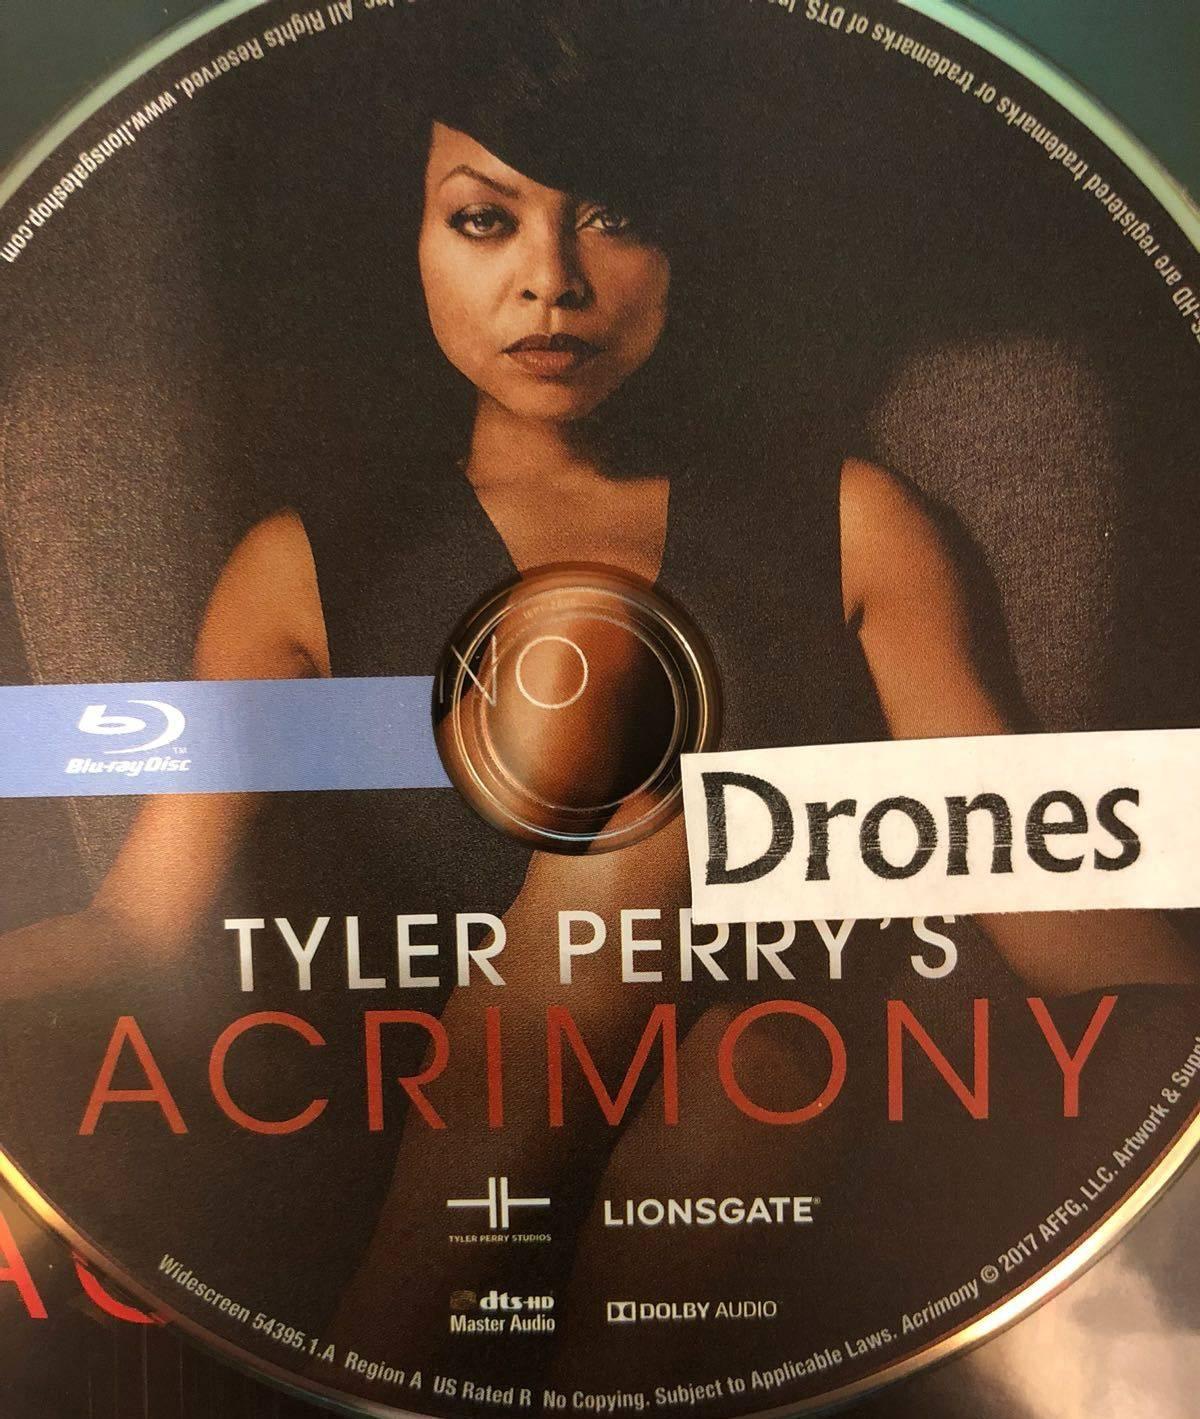 Acrimony 2018 BDRip x264-DRONES